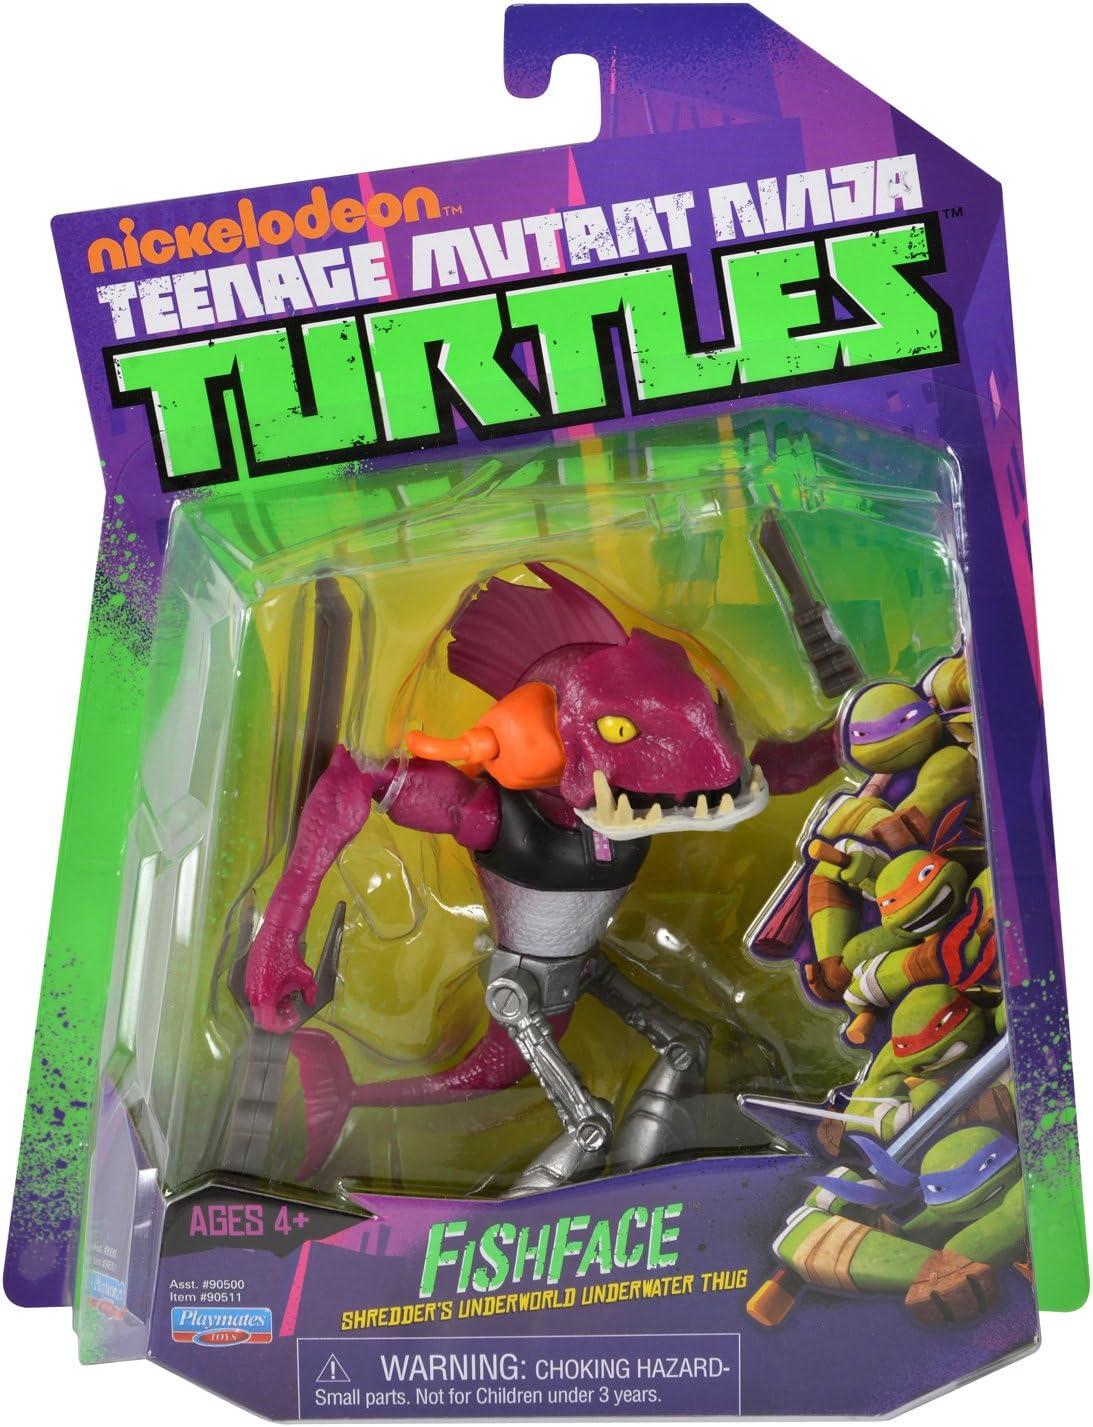 TMNT Teenage Mutant Ninja Turtles Fish Face Figure Toy Viacom Playmates 2012